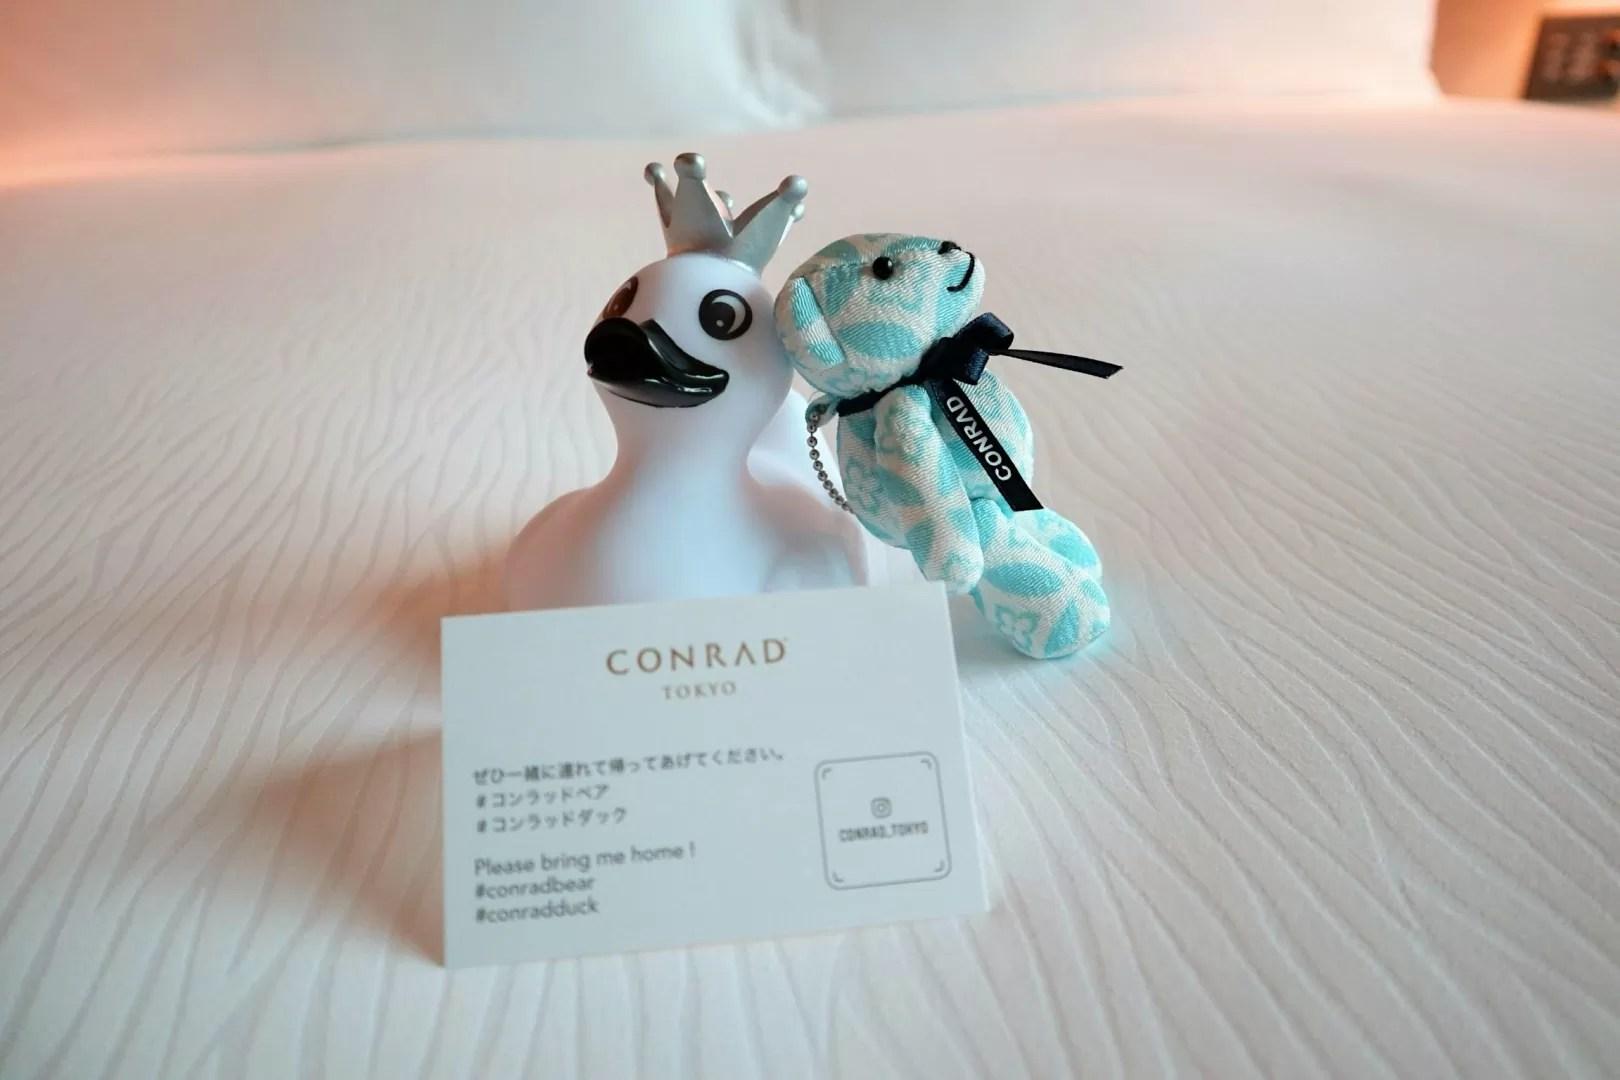 コンラッド東京にヒルトンポイントで無料宿泊 ダイヤモンドのアップグレードは最上階エグゼクティブルーム【2019年】